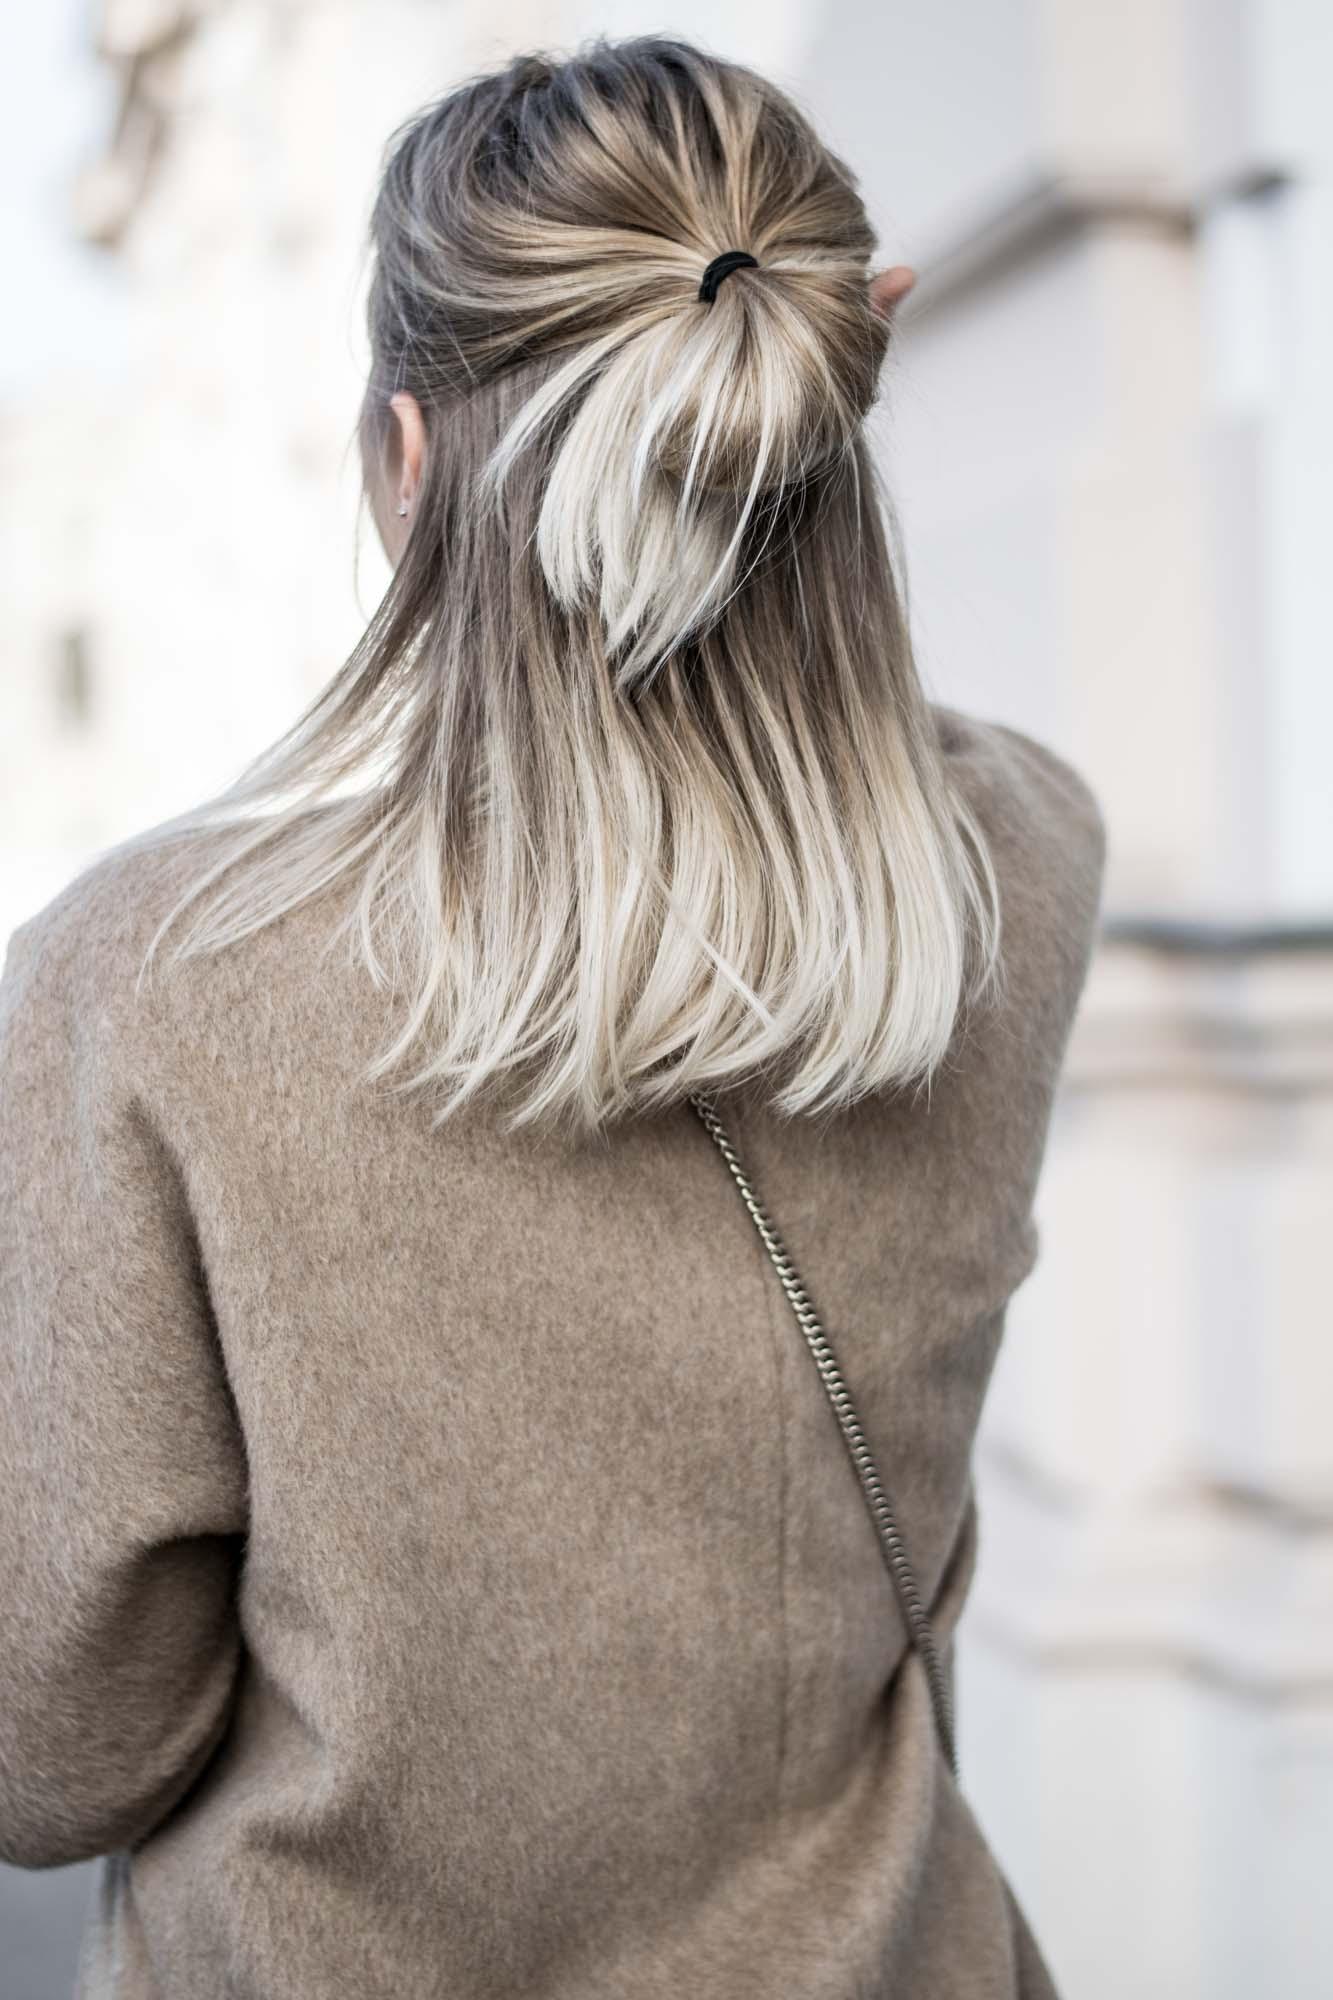 giveherglitter-camelcoat-fashionblog-7